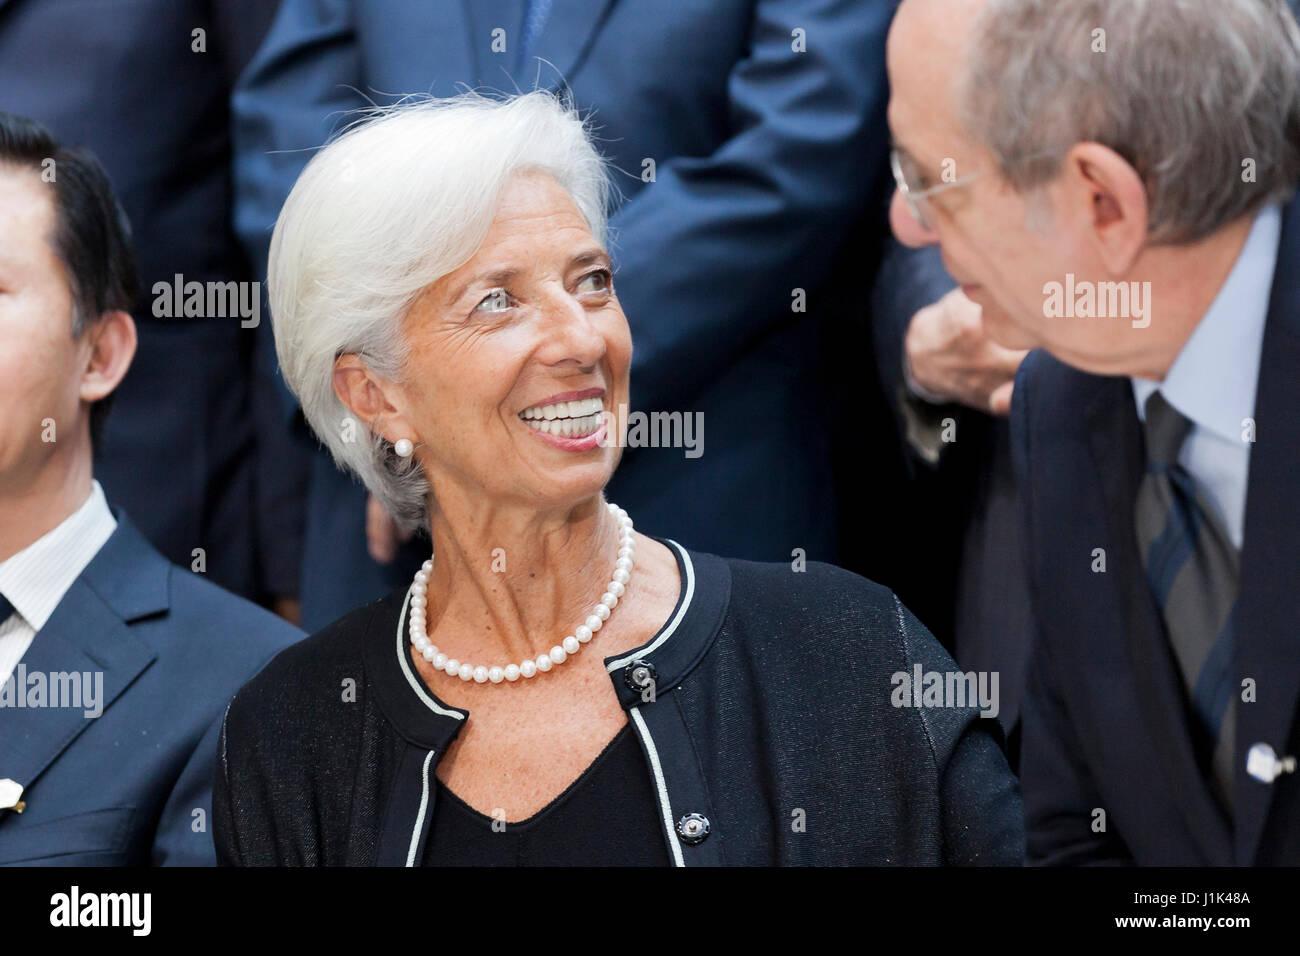 Washington, EEUU, 21 de abril de 2017: G20 Los Ministros de Finanzas y Gobernadores de los bancos centrales posar Foto de stock